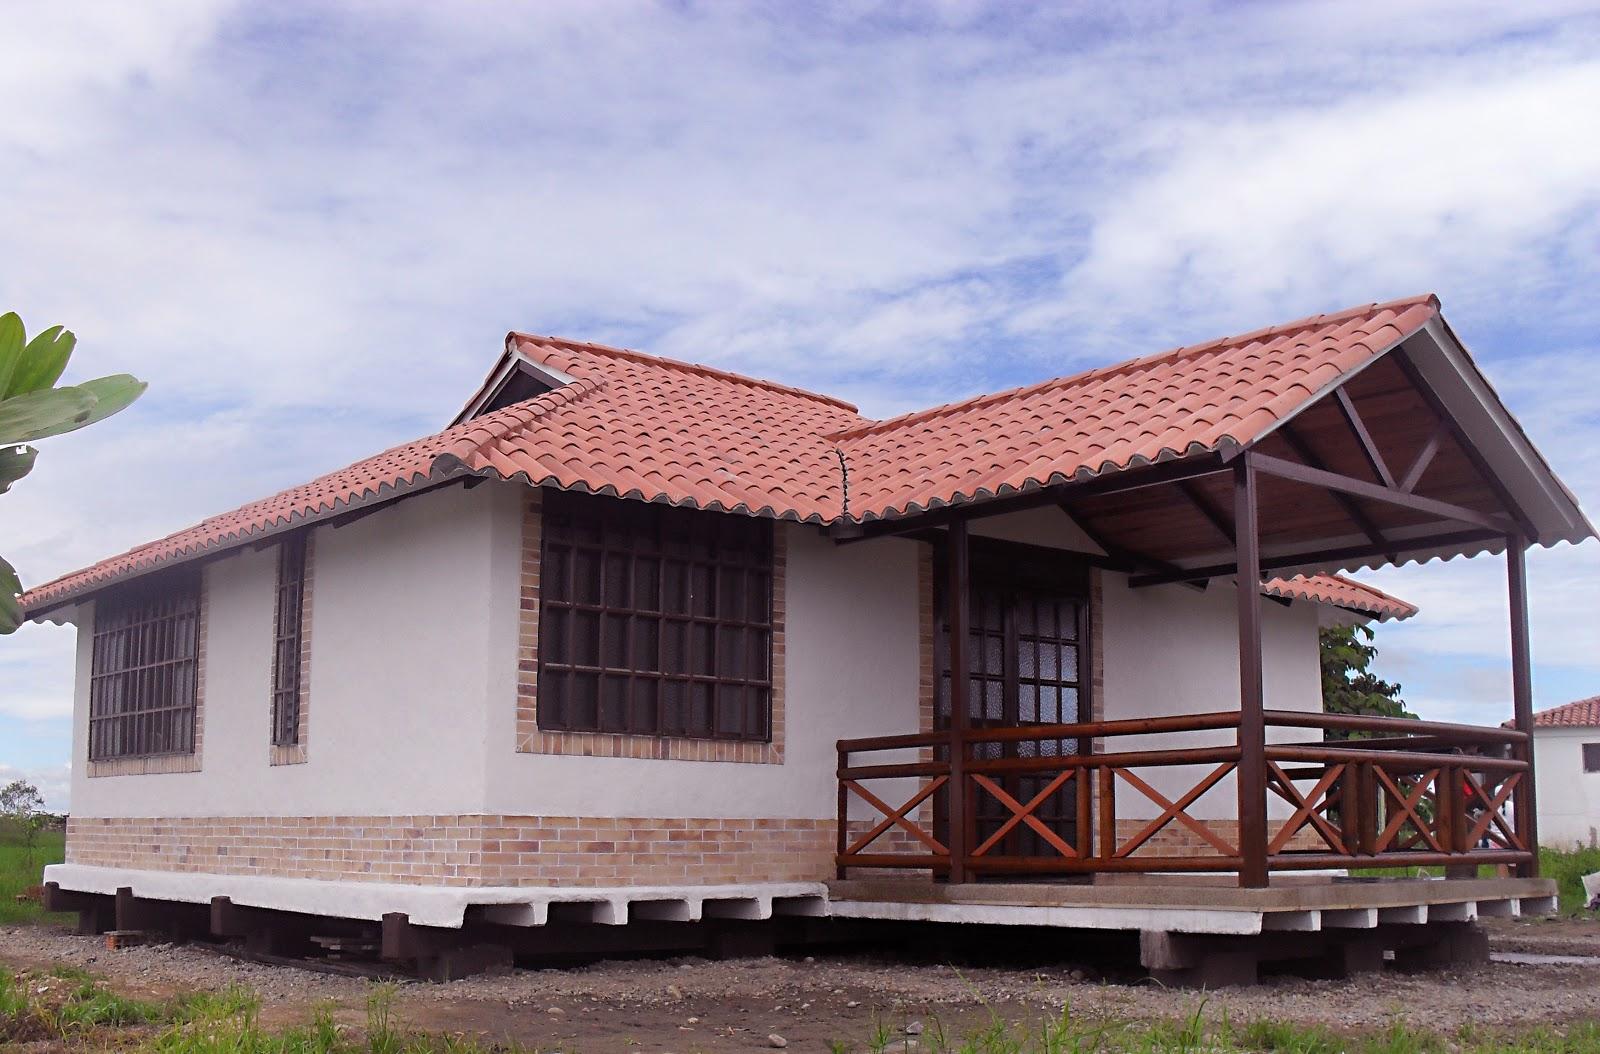 Casas y caba as prefabricadas villavicencio - Cabanas casas prefabricadas ...